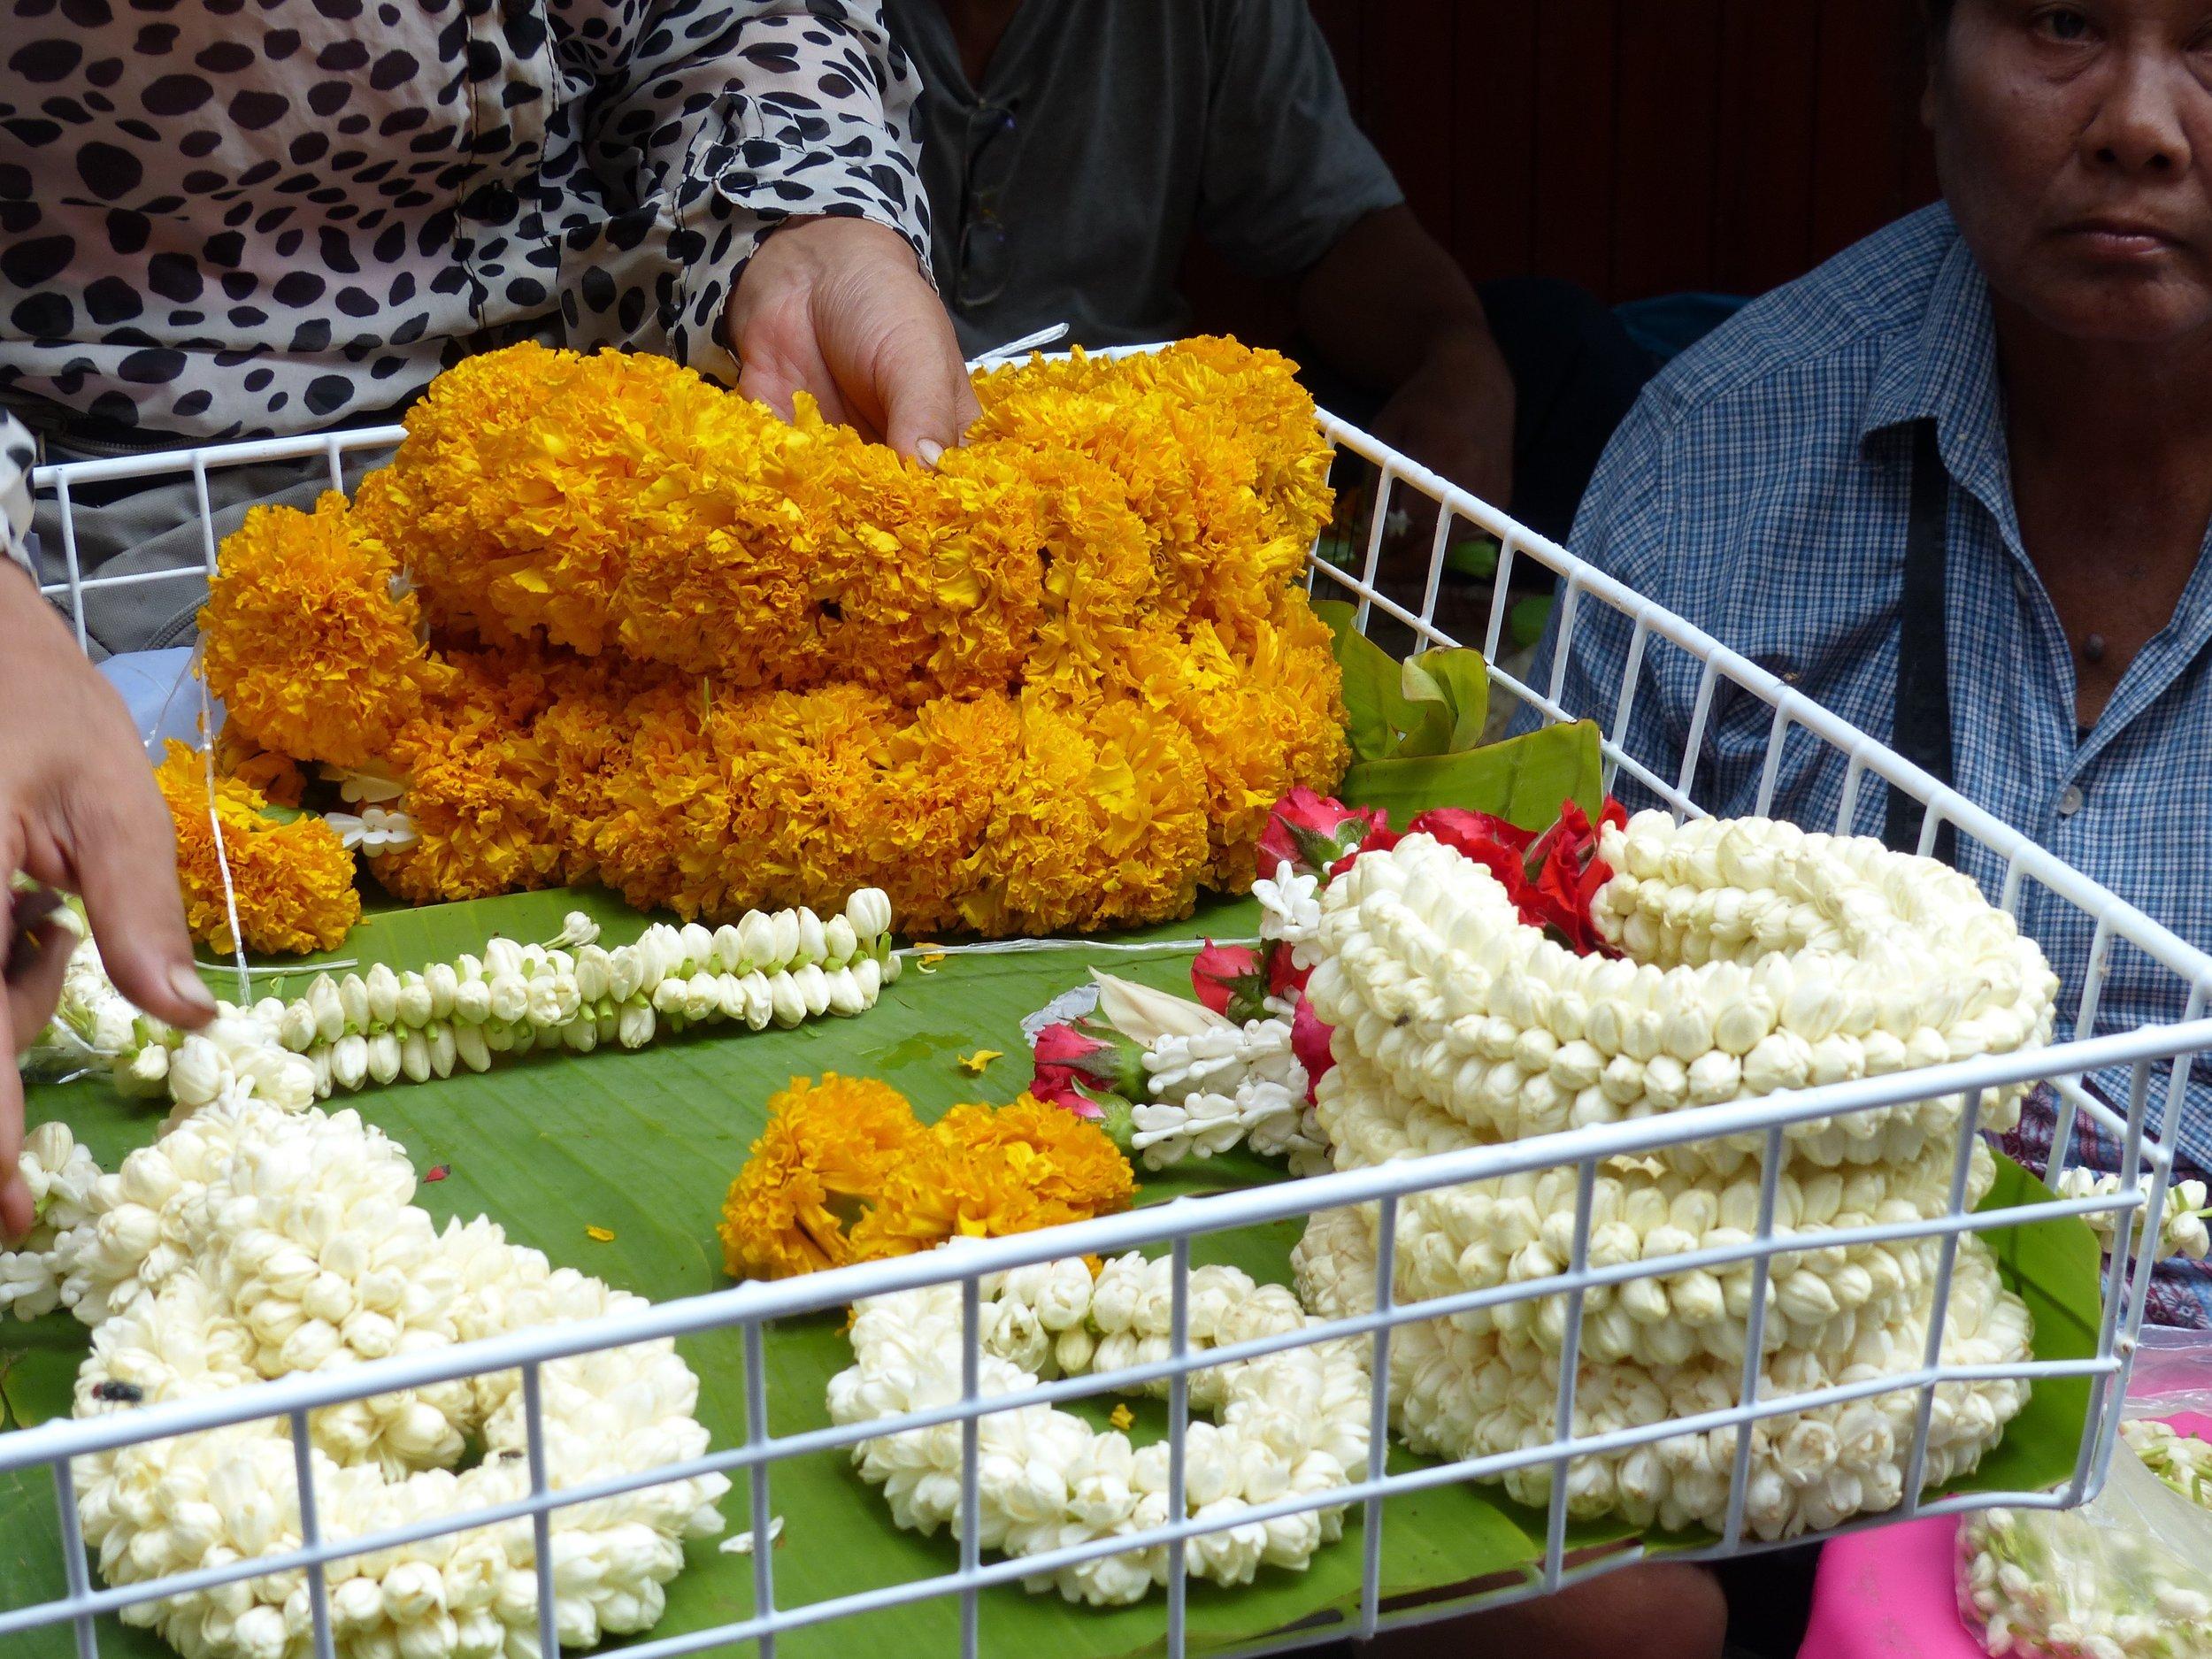 Jasmine wreaths for honoring shrines.